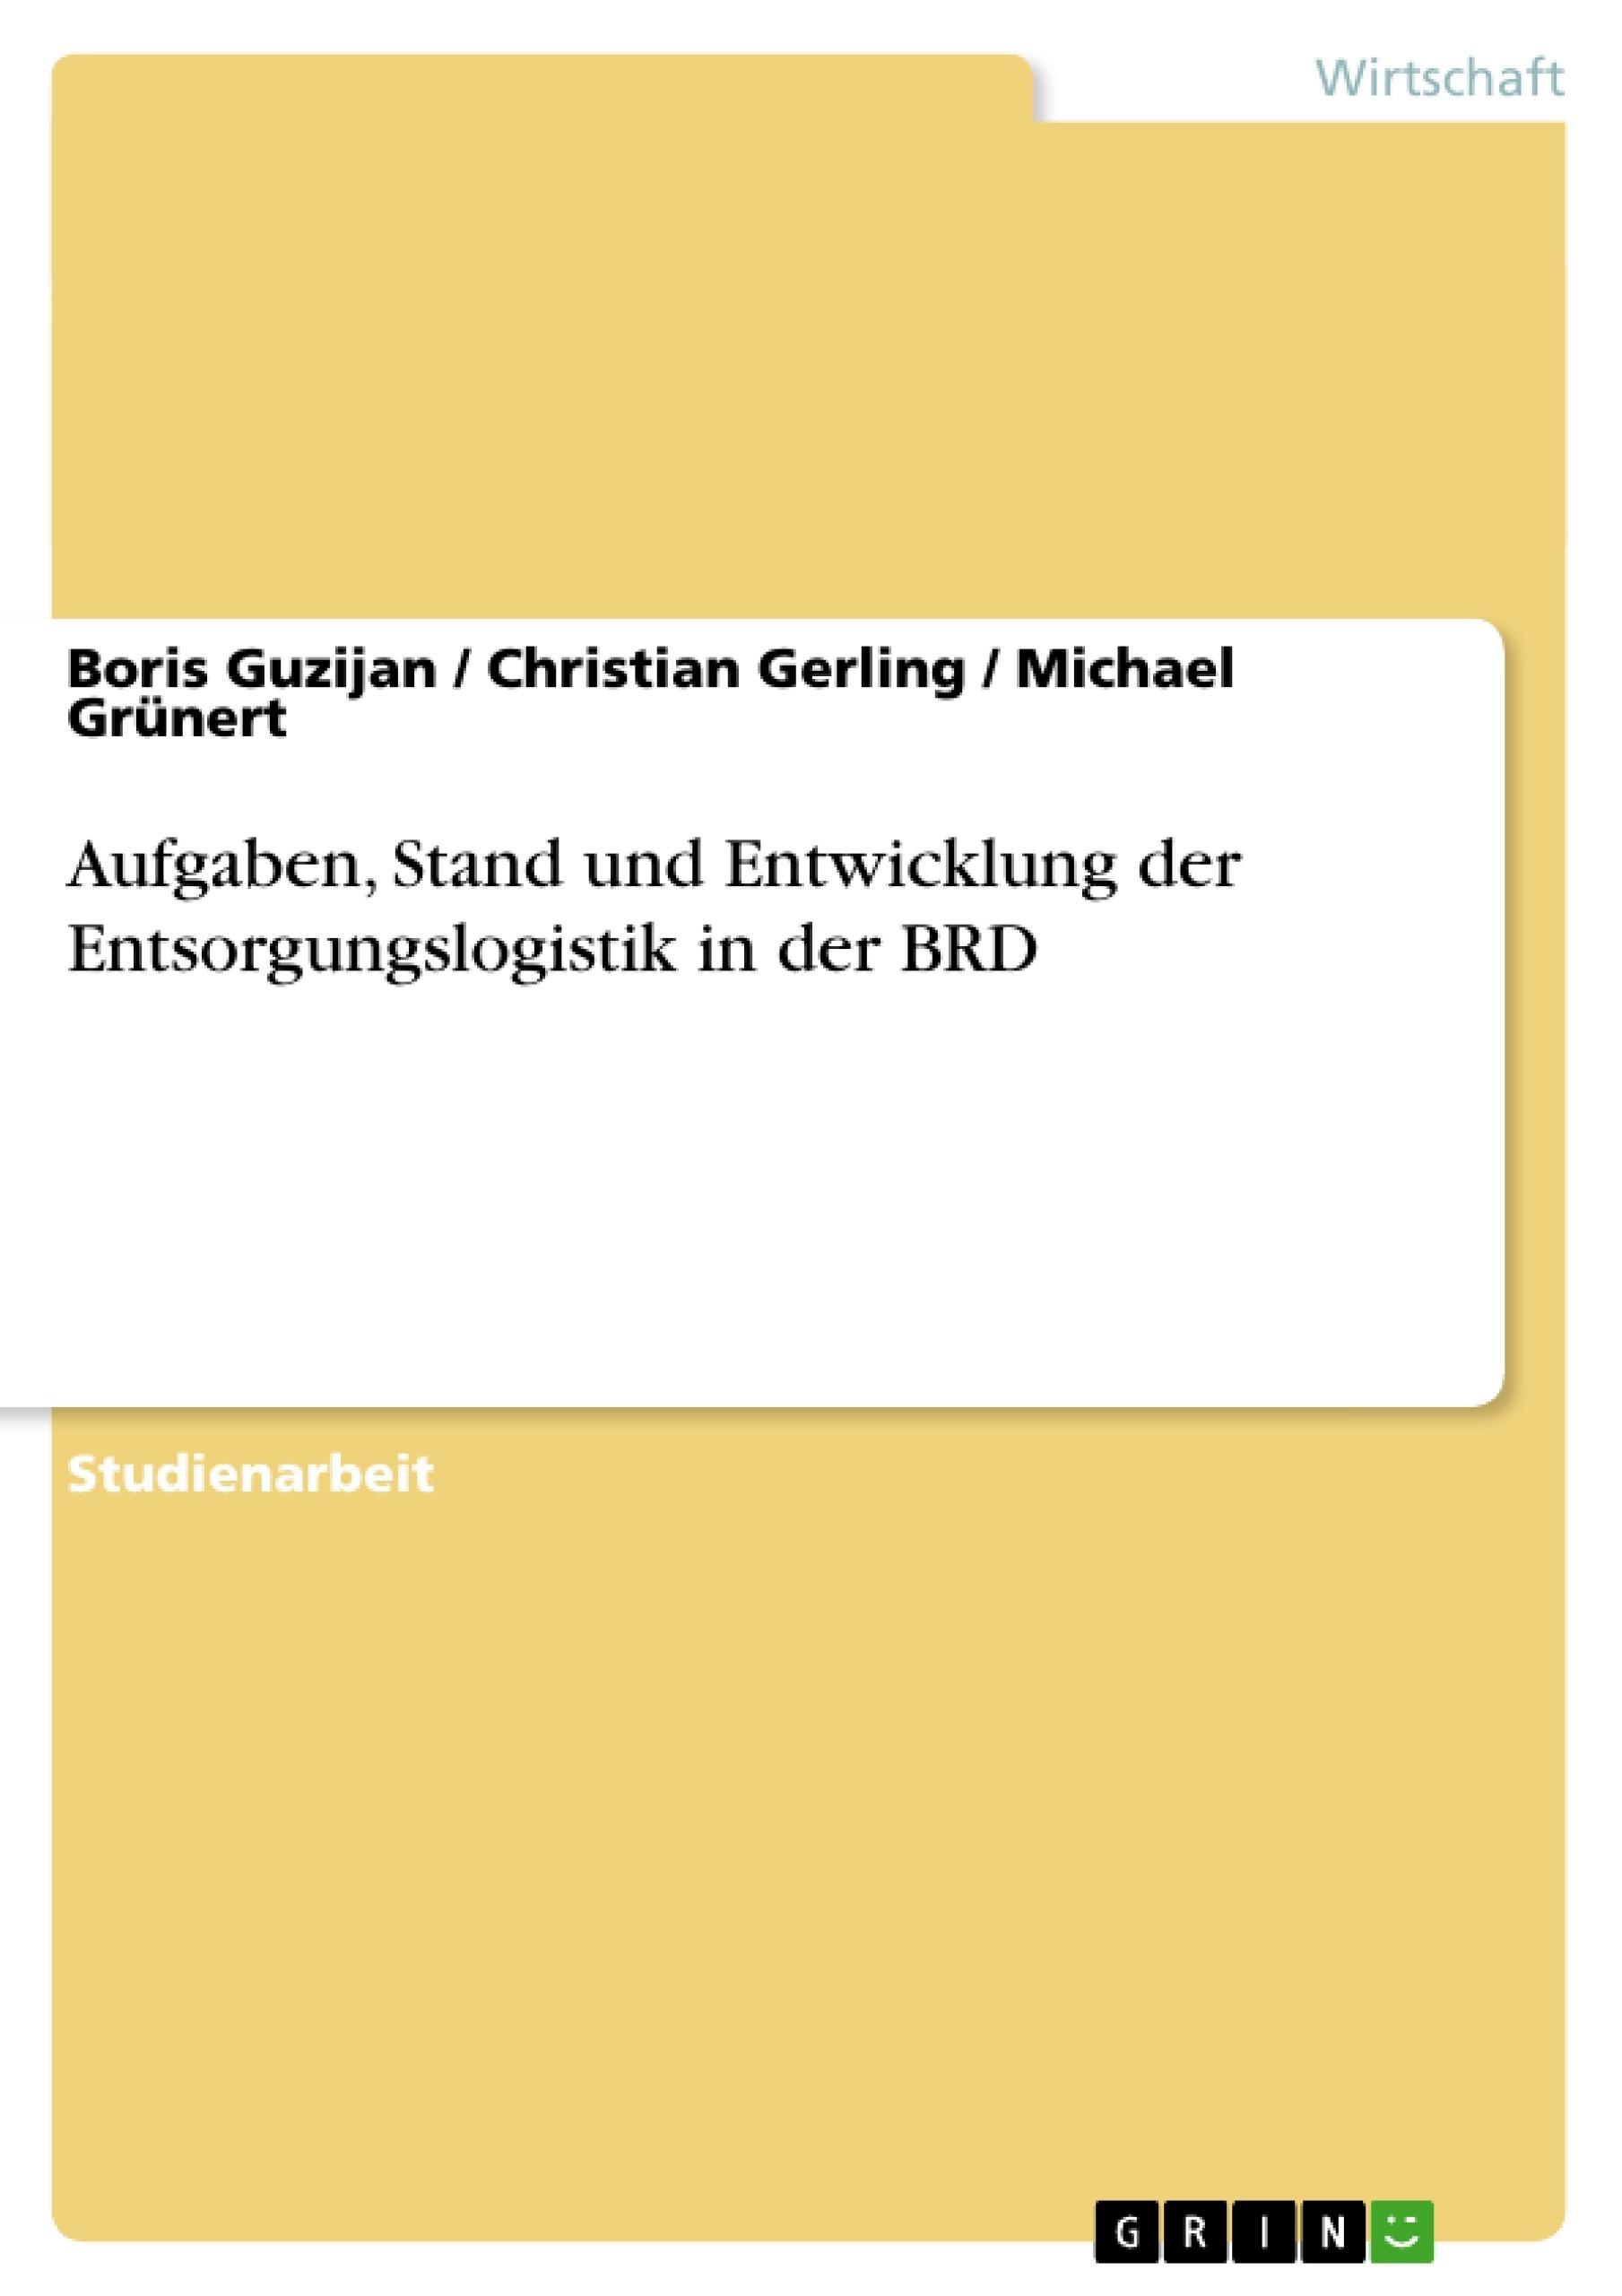 Titel: Aufgaben, Stand und Entwicklung der Entsorgungslogistik in der BRD